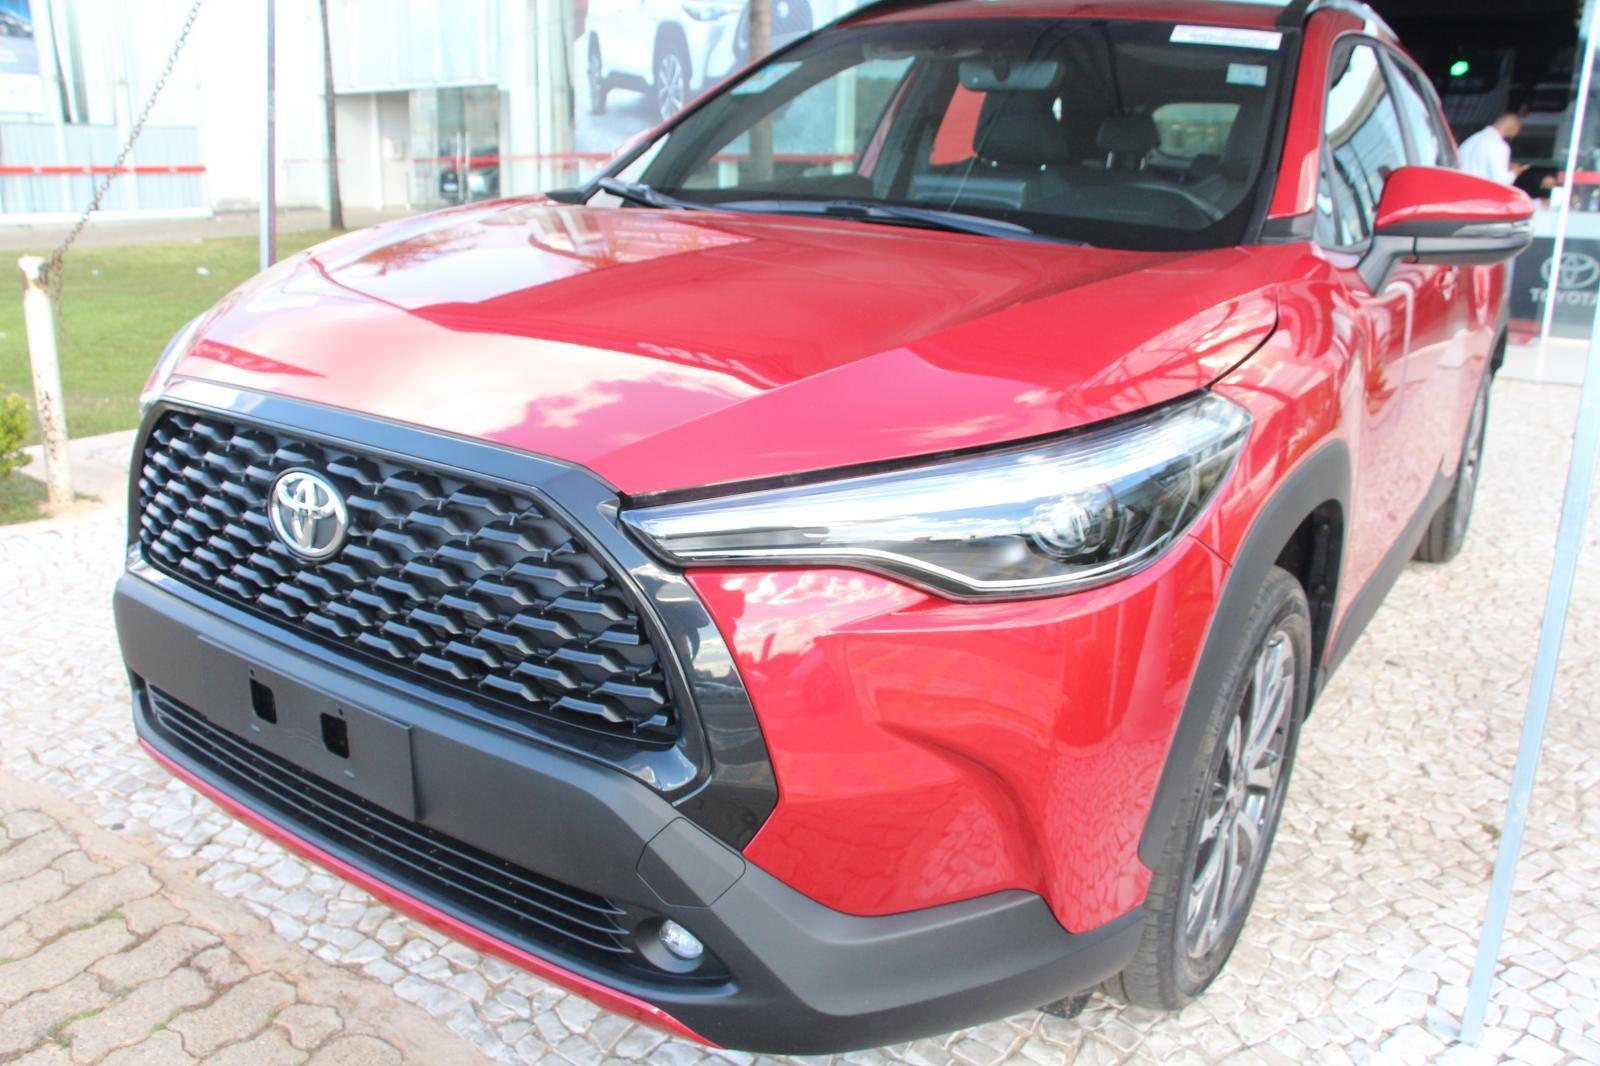 //www.autoline.com.br/carro/toyota/corolla-cross-20-xre-16v-flex-4p-cvt/2022/brasilia-df/15660044